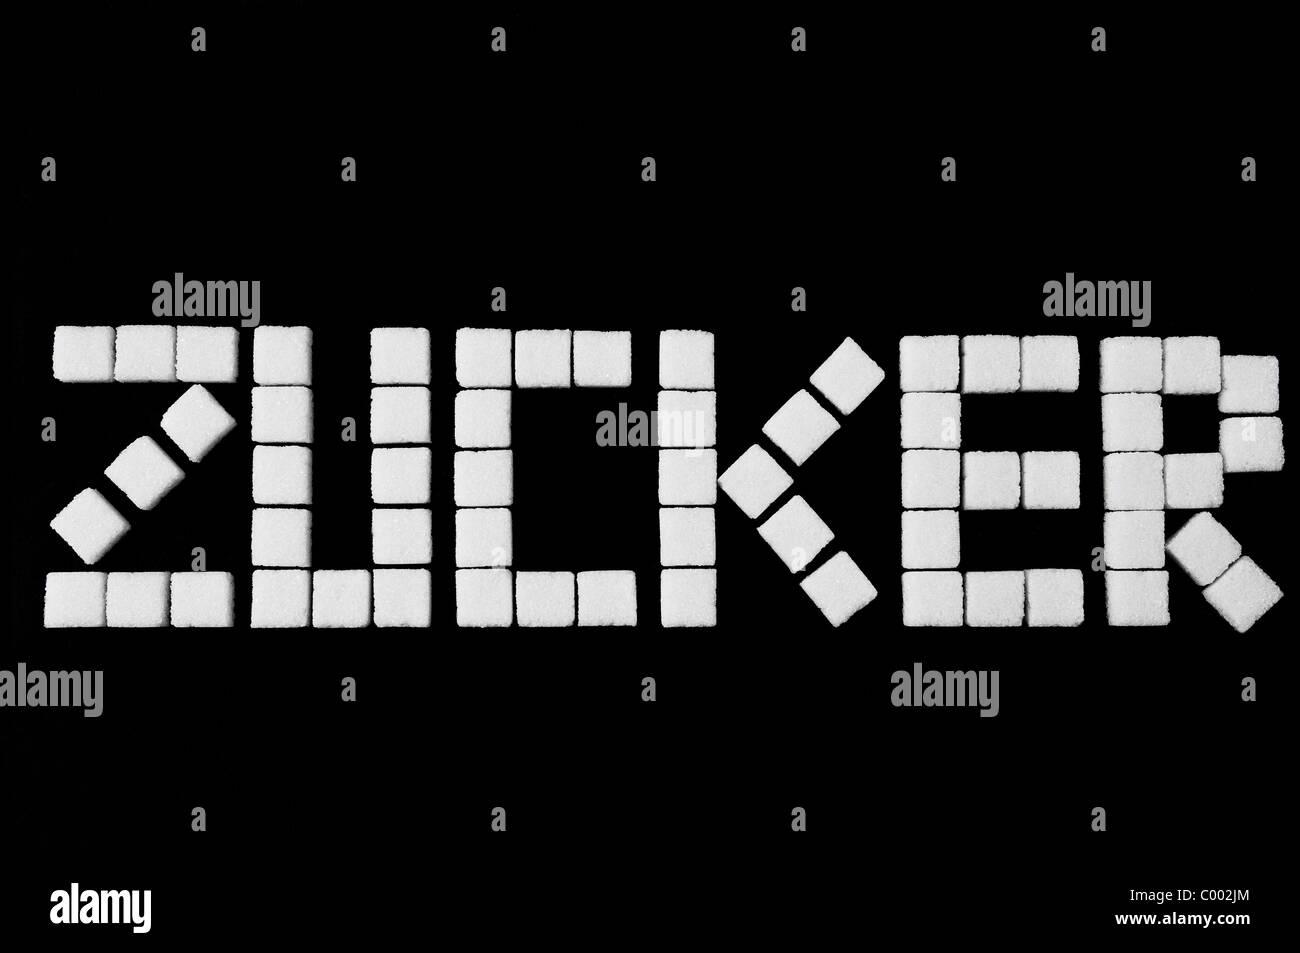 das Wort Zucker aus Wuerfelzucker zusammengesetzt, Word, Sugar, sugar cubes - Stock Image